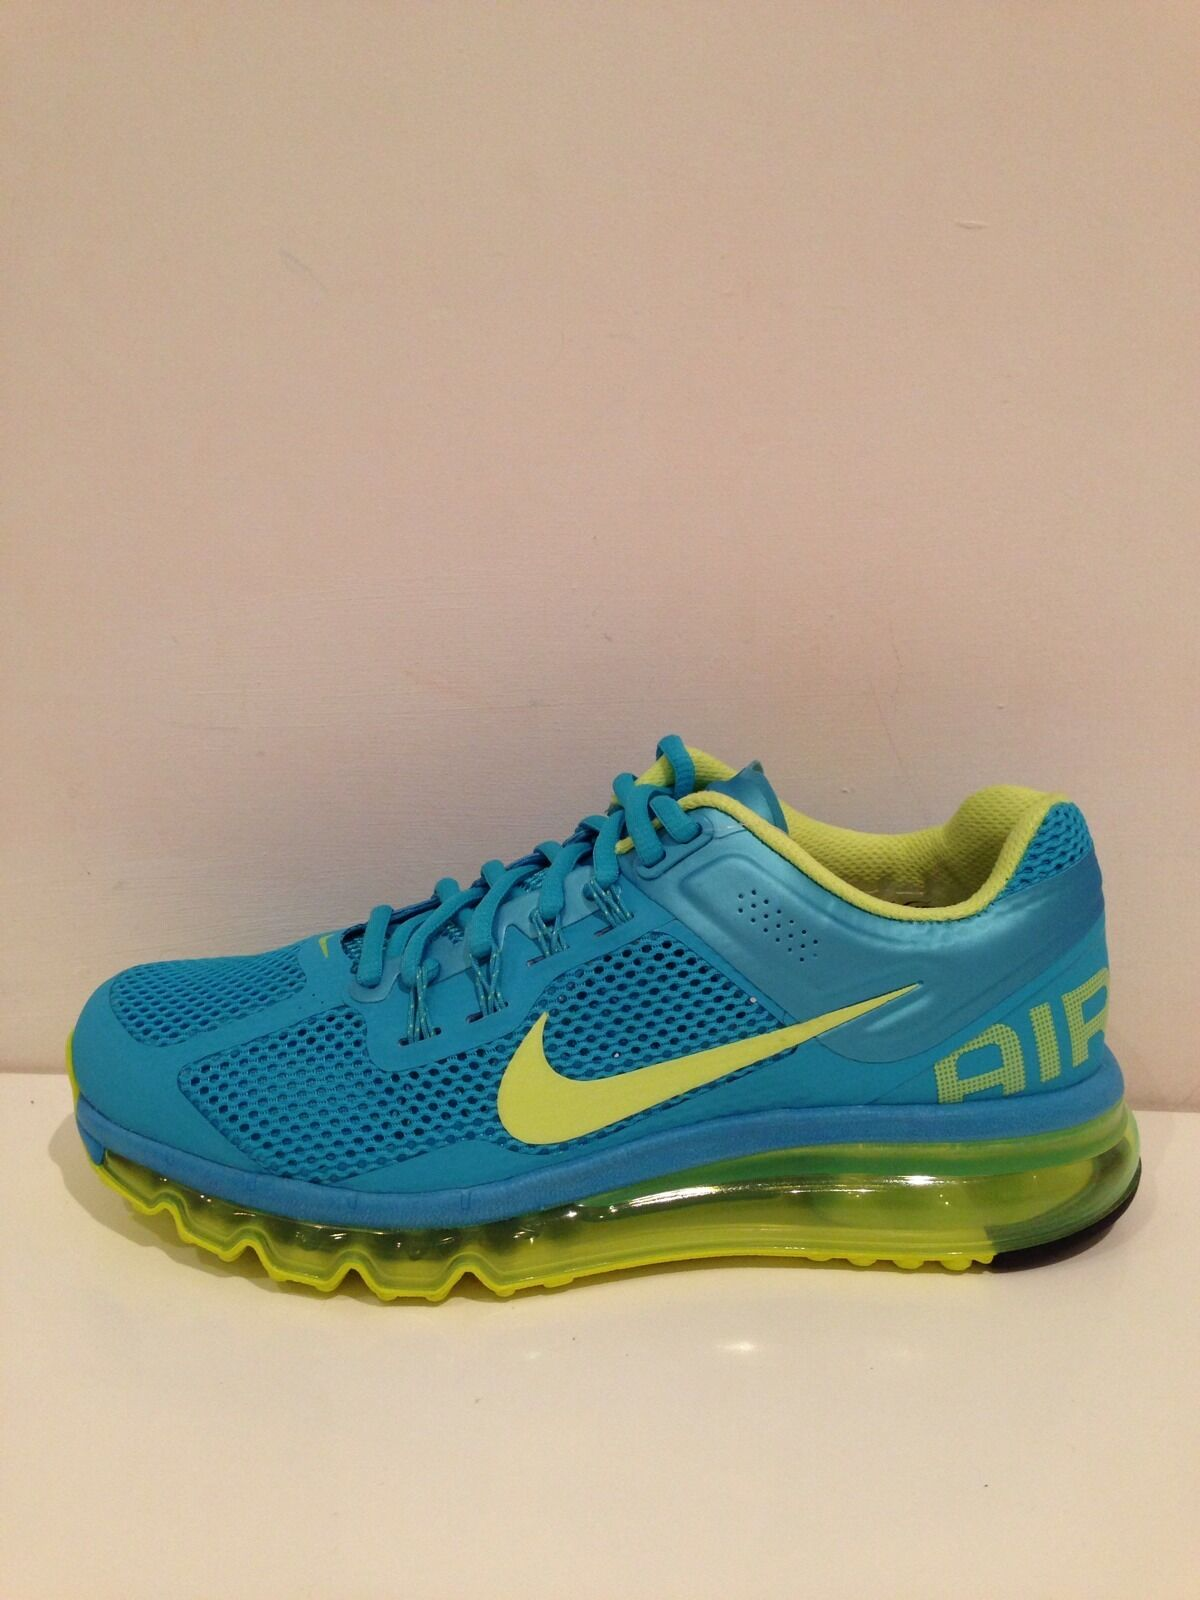 Nike Air Max + 2013 CON Taglia 5.5 (UK) NUOVO CON 2013 ETICHETTA 133cf8